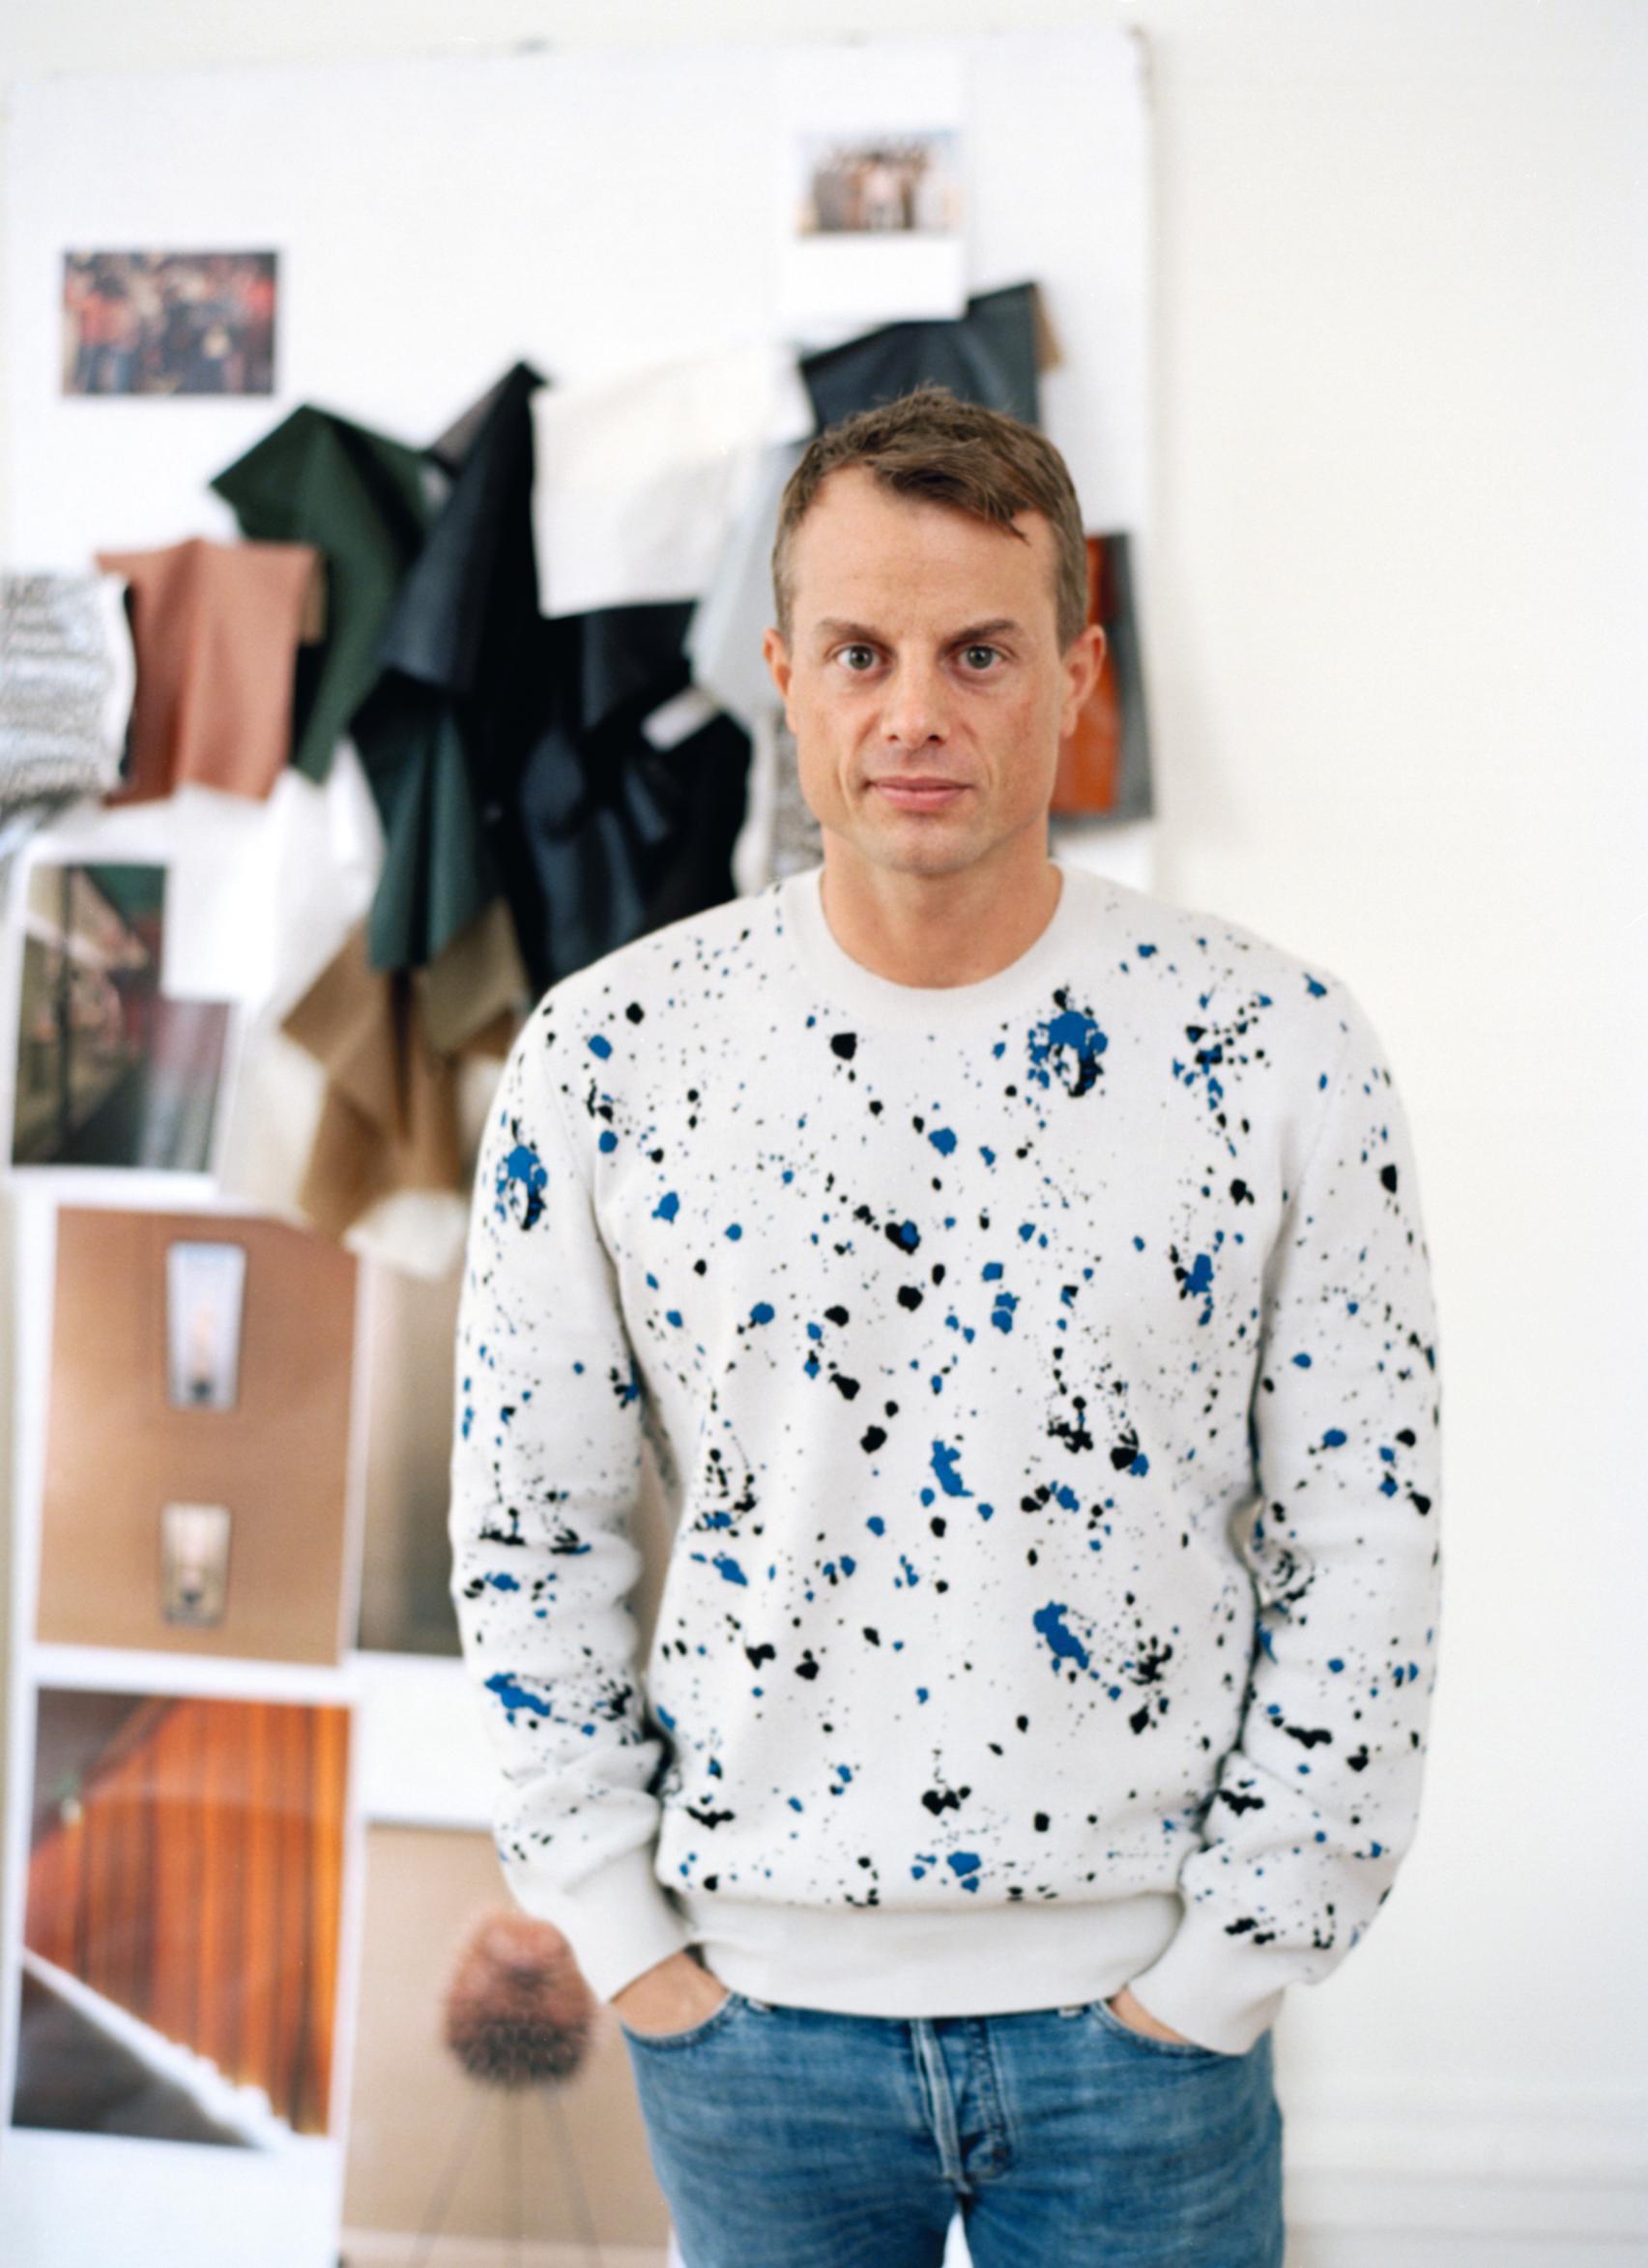 Modeontwerper Christian Wijnants: 'Mode is echt geen kunst' - De Standaard